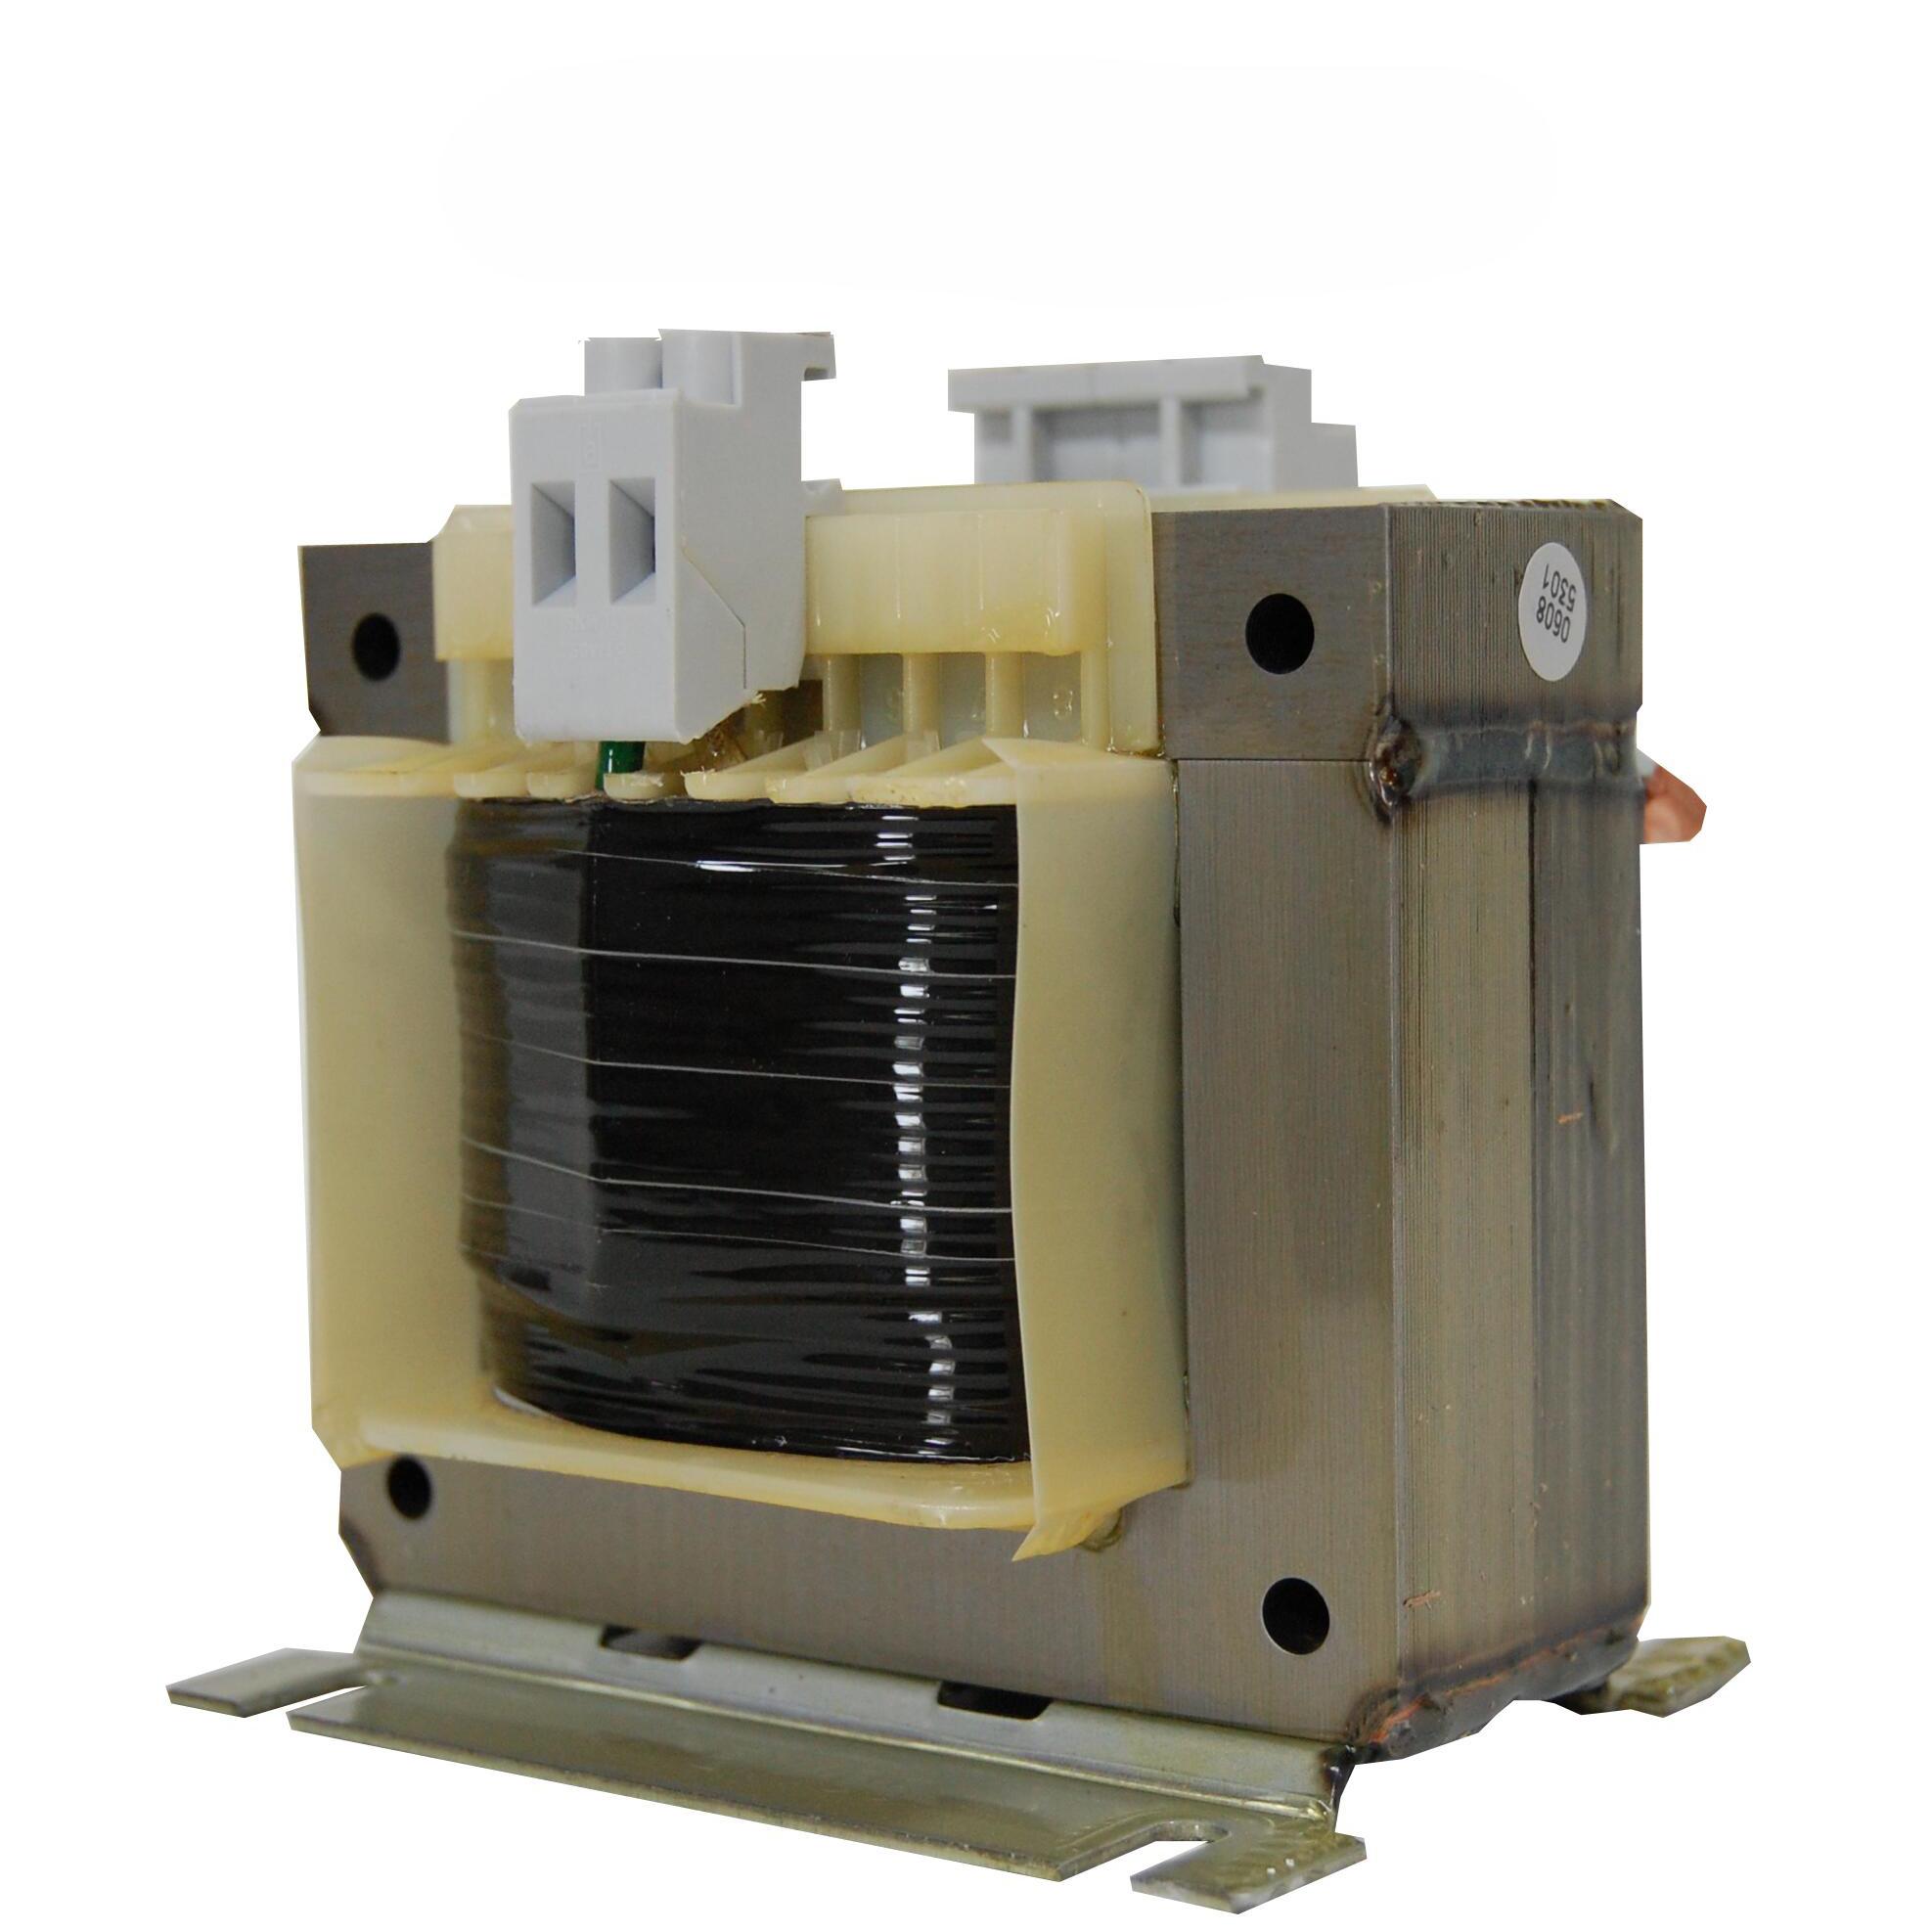 1 Stk Einphasen Steuertransformator 400/24V, 250VA, IP00 LP603025T-